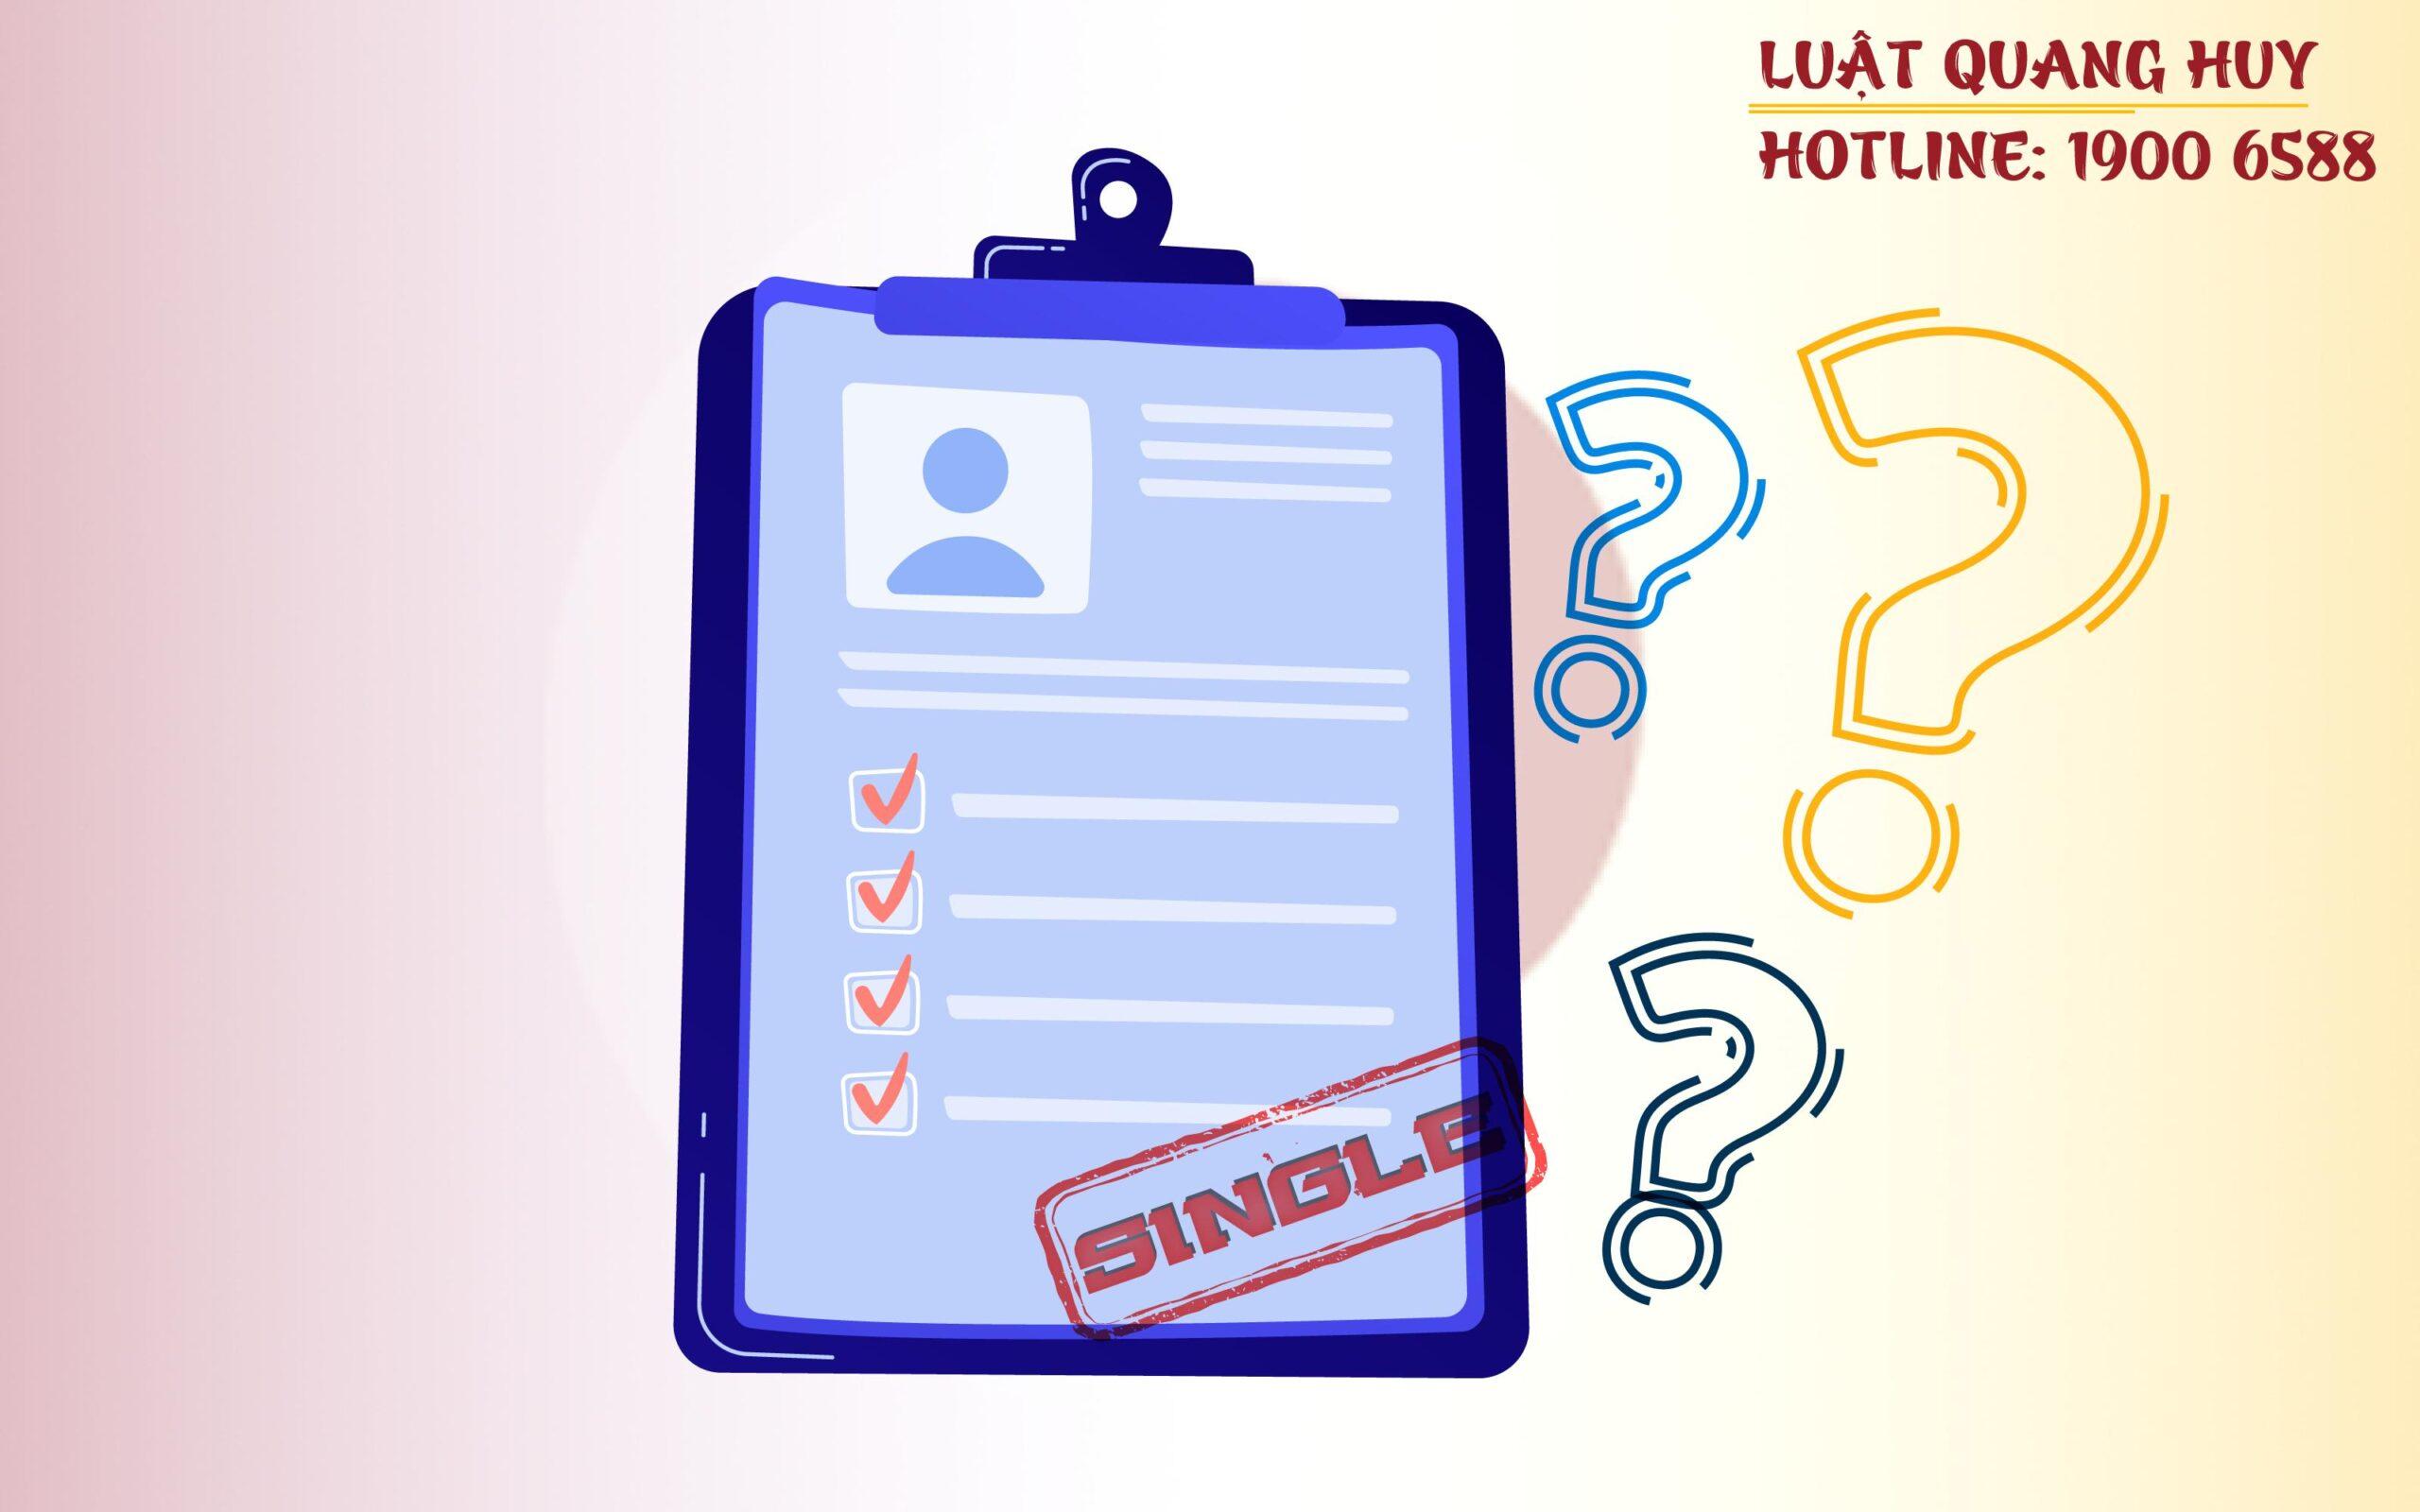 Giấy chứng nhận độc thân sau ly hôn là gì?